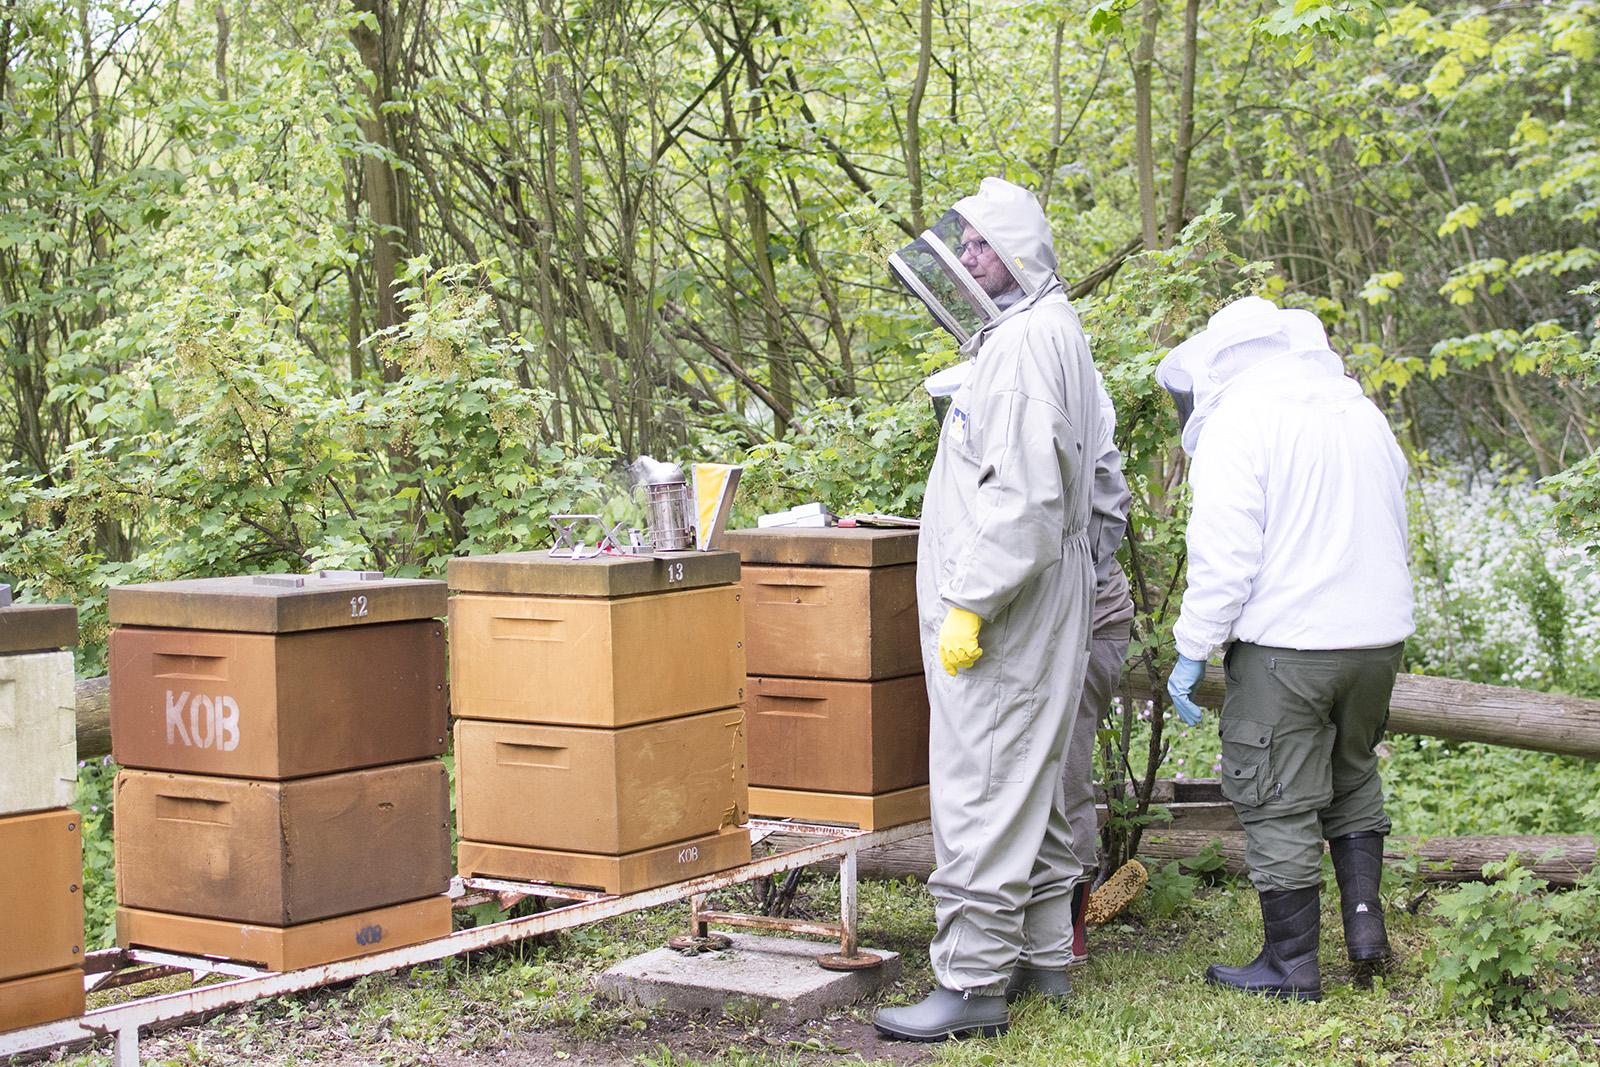 kolding og omegns biavlerforening - www.vangelyst.dk